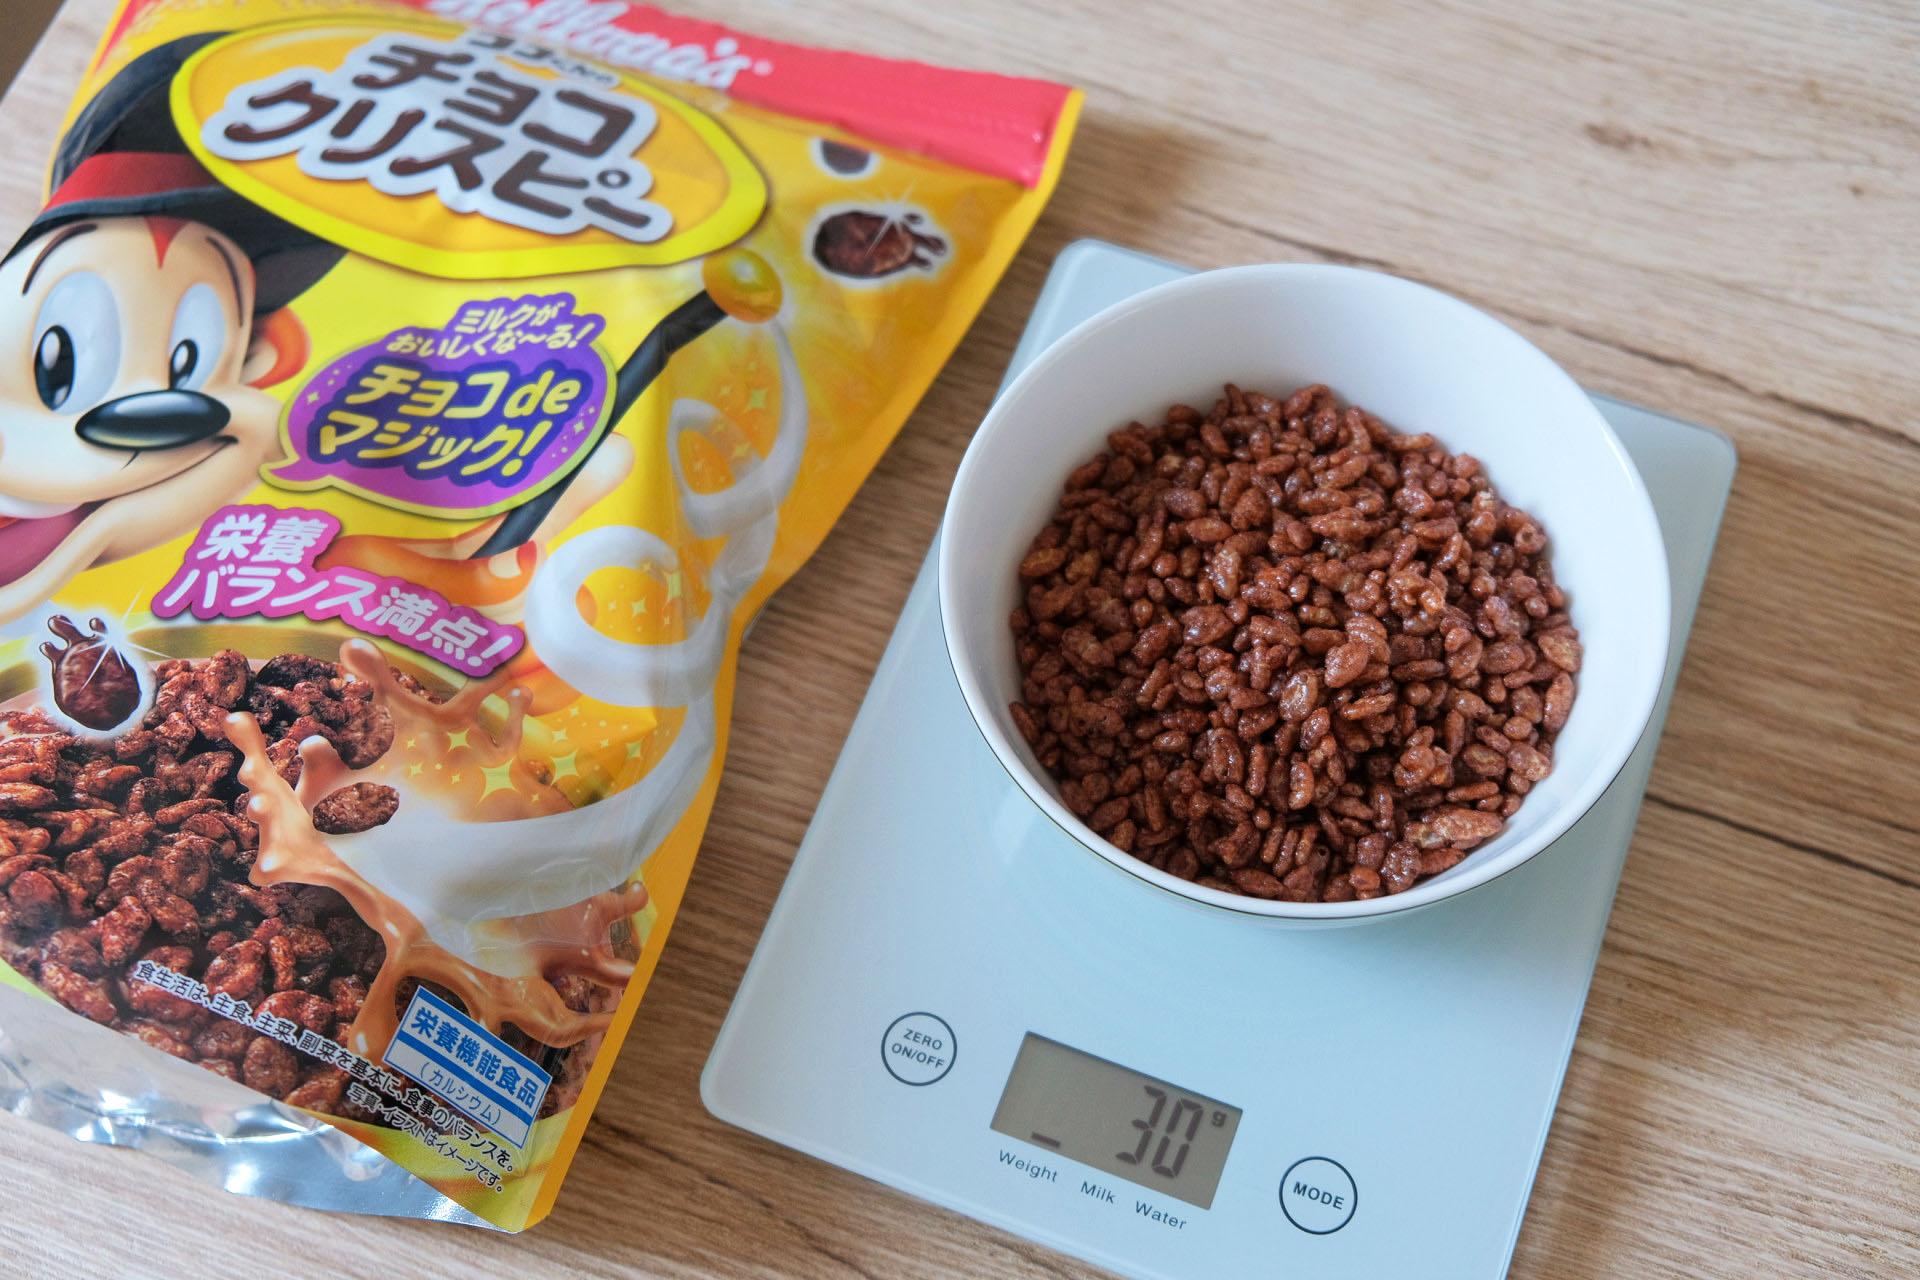 チョコクリスピーのグラムごとの栄養成分を比較